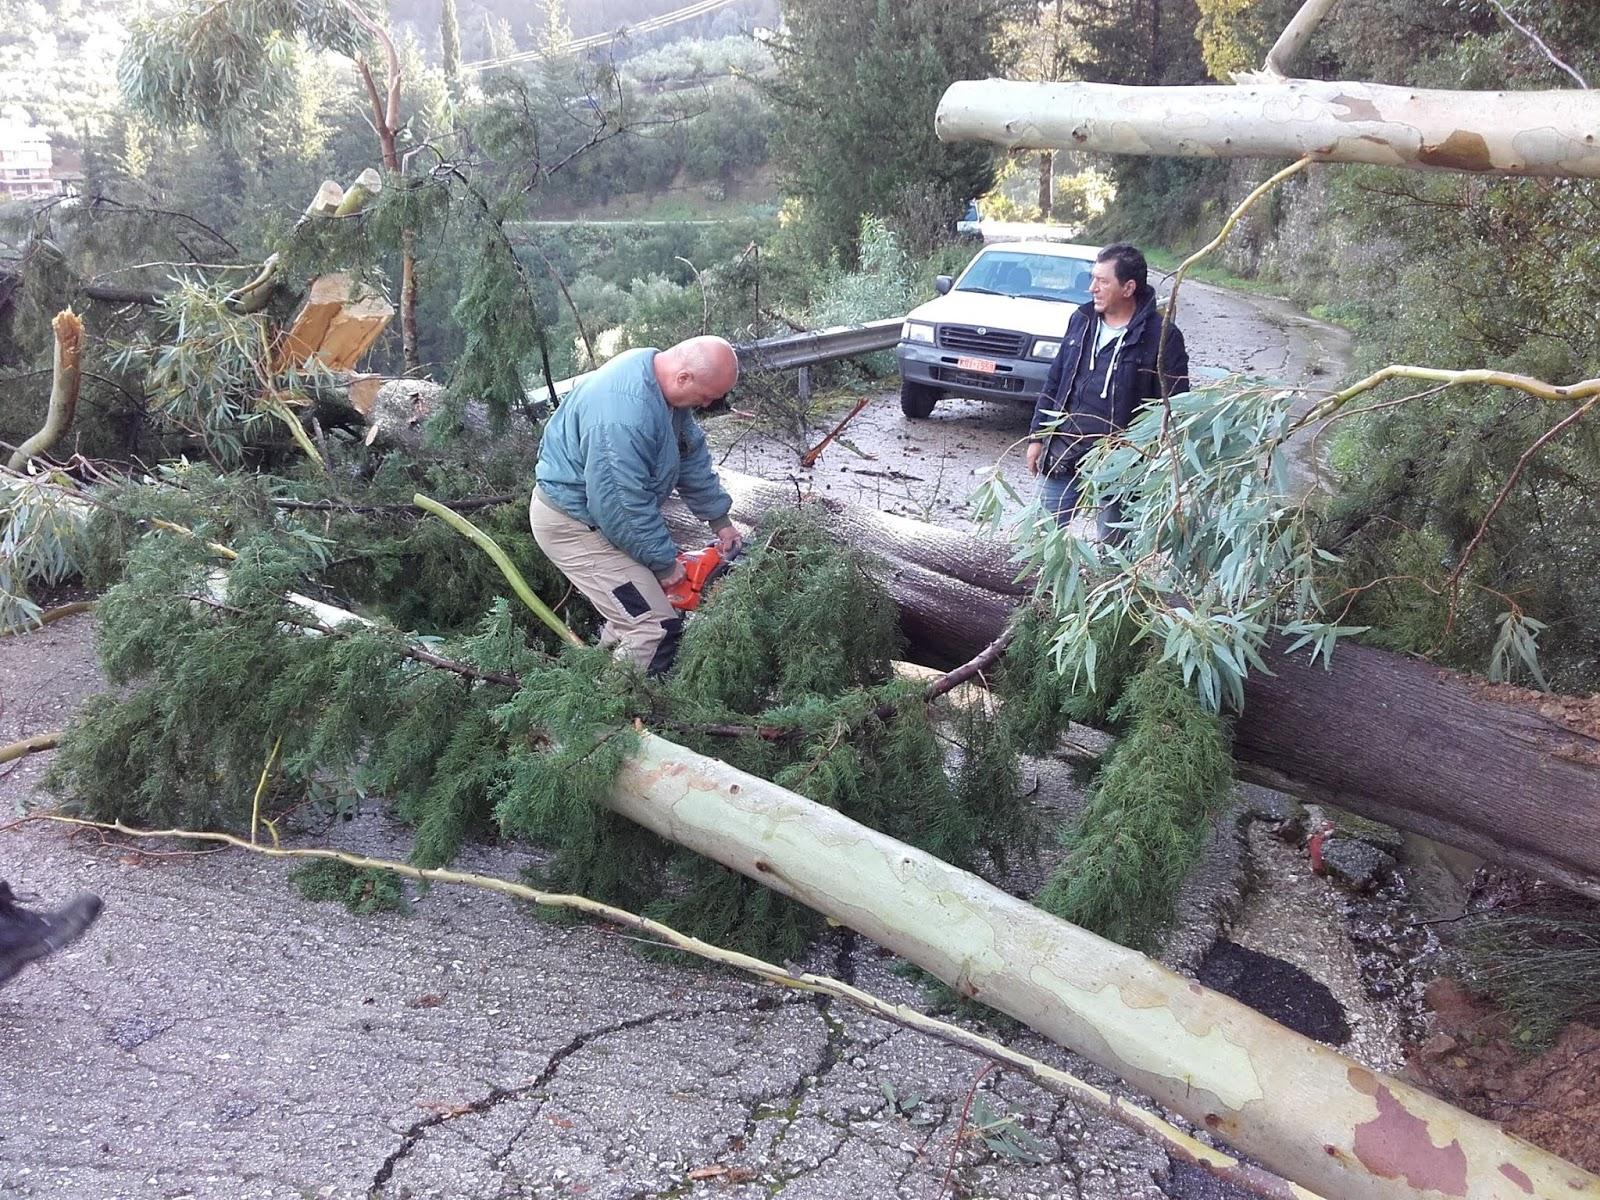 Άρτα: Πτώσεις δέντρων, κλειστοί δρόμοι και προβλήματα από το πέρασμα της νυχτερινής κακοκαιρίας [pics]